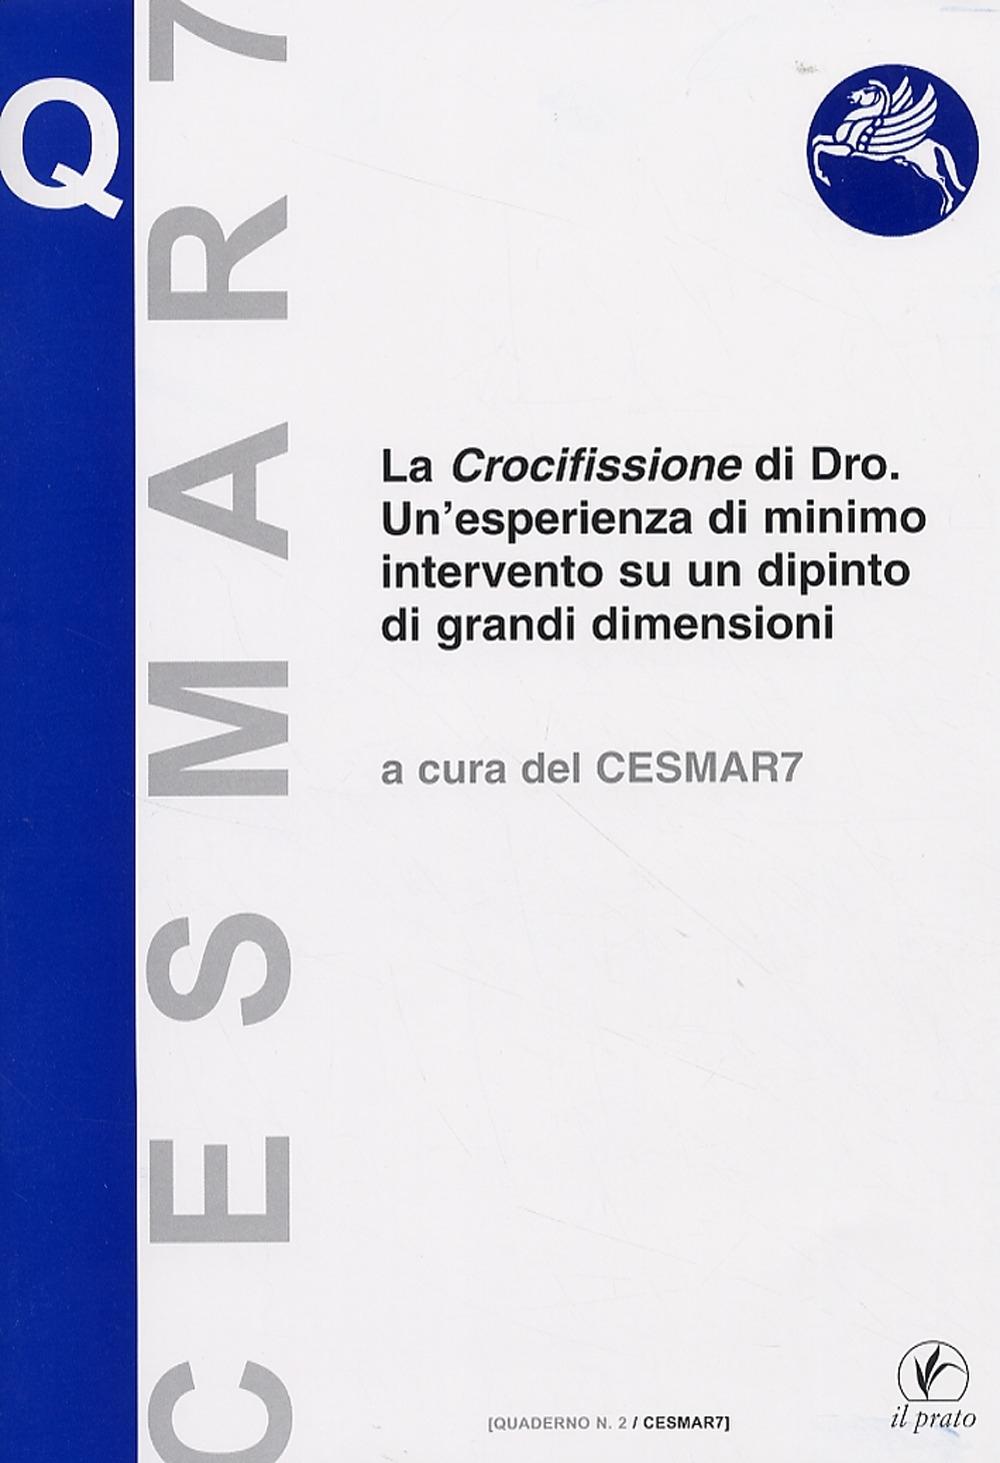 La Crocifissione di Dro. Una Esperienza di Minimo Intervento Su un Dipinto di Grandi Dimensioni